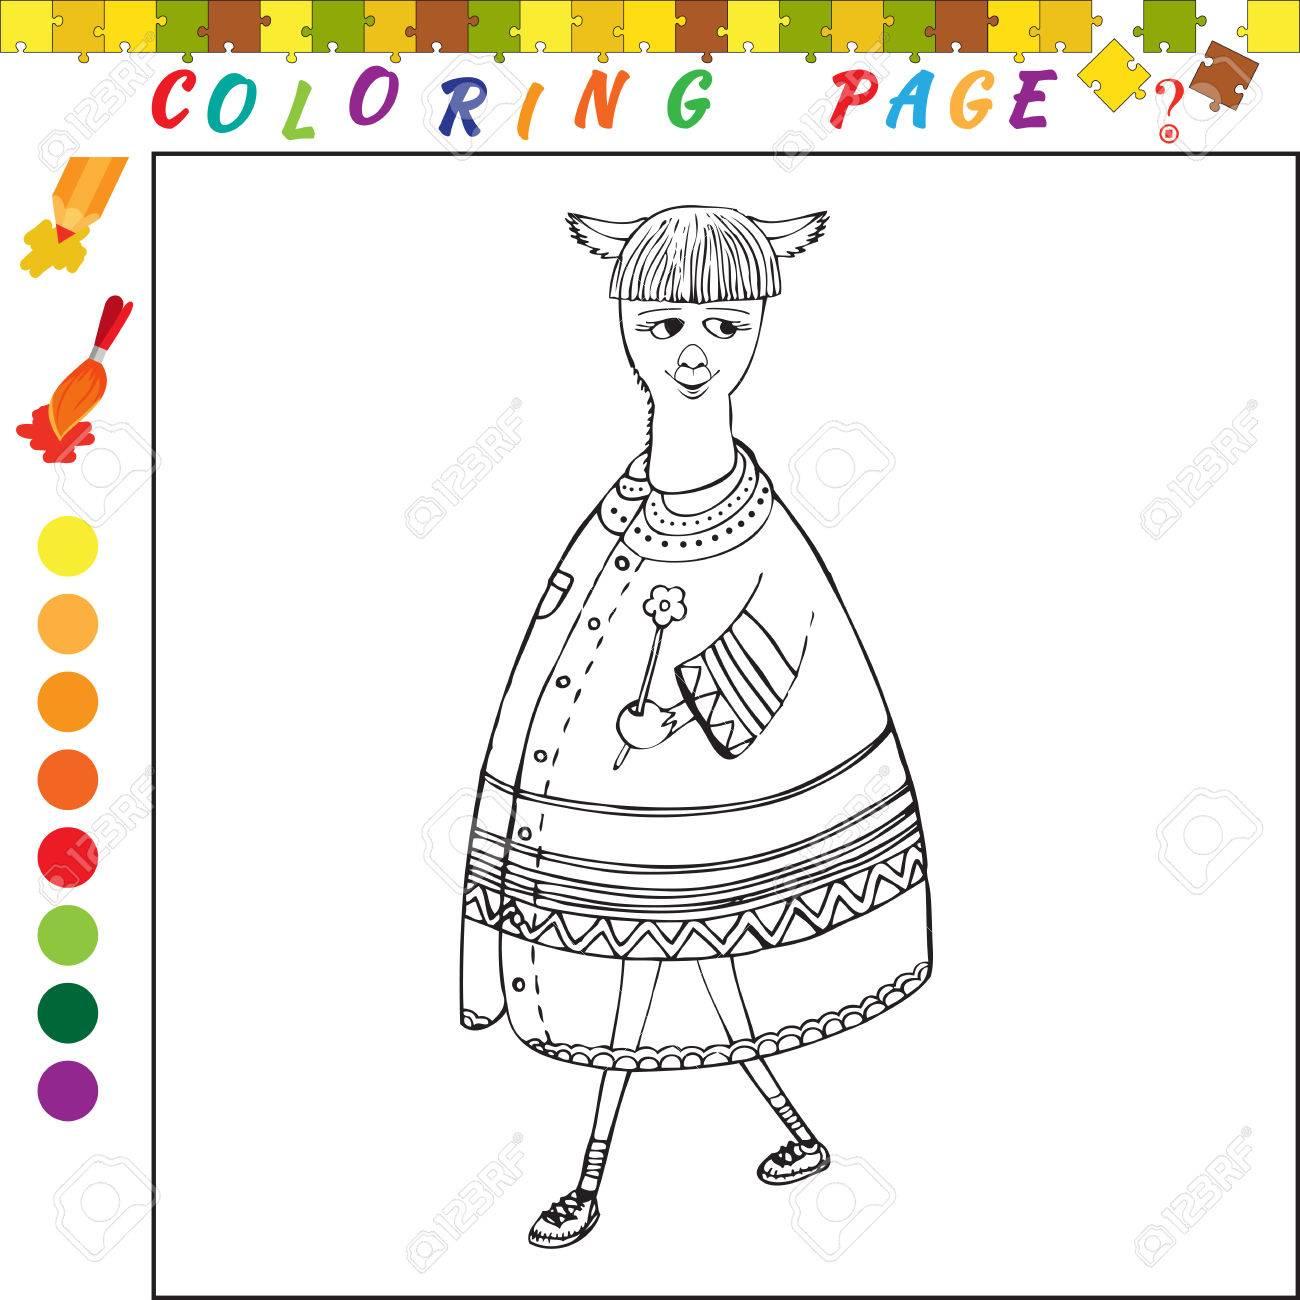 Livre De Coloriage Avec Le Theme Des Animaux Illustration De Contour Noir Et Blanc A Colorier Jeu Visuel Pour Les Enfants Et Les Enfants D Age